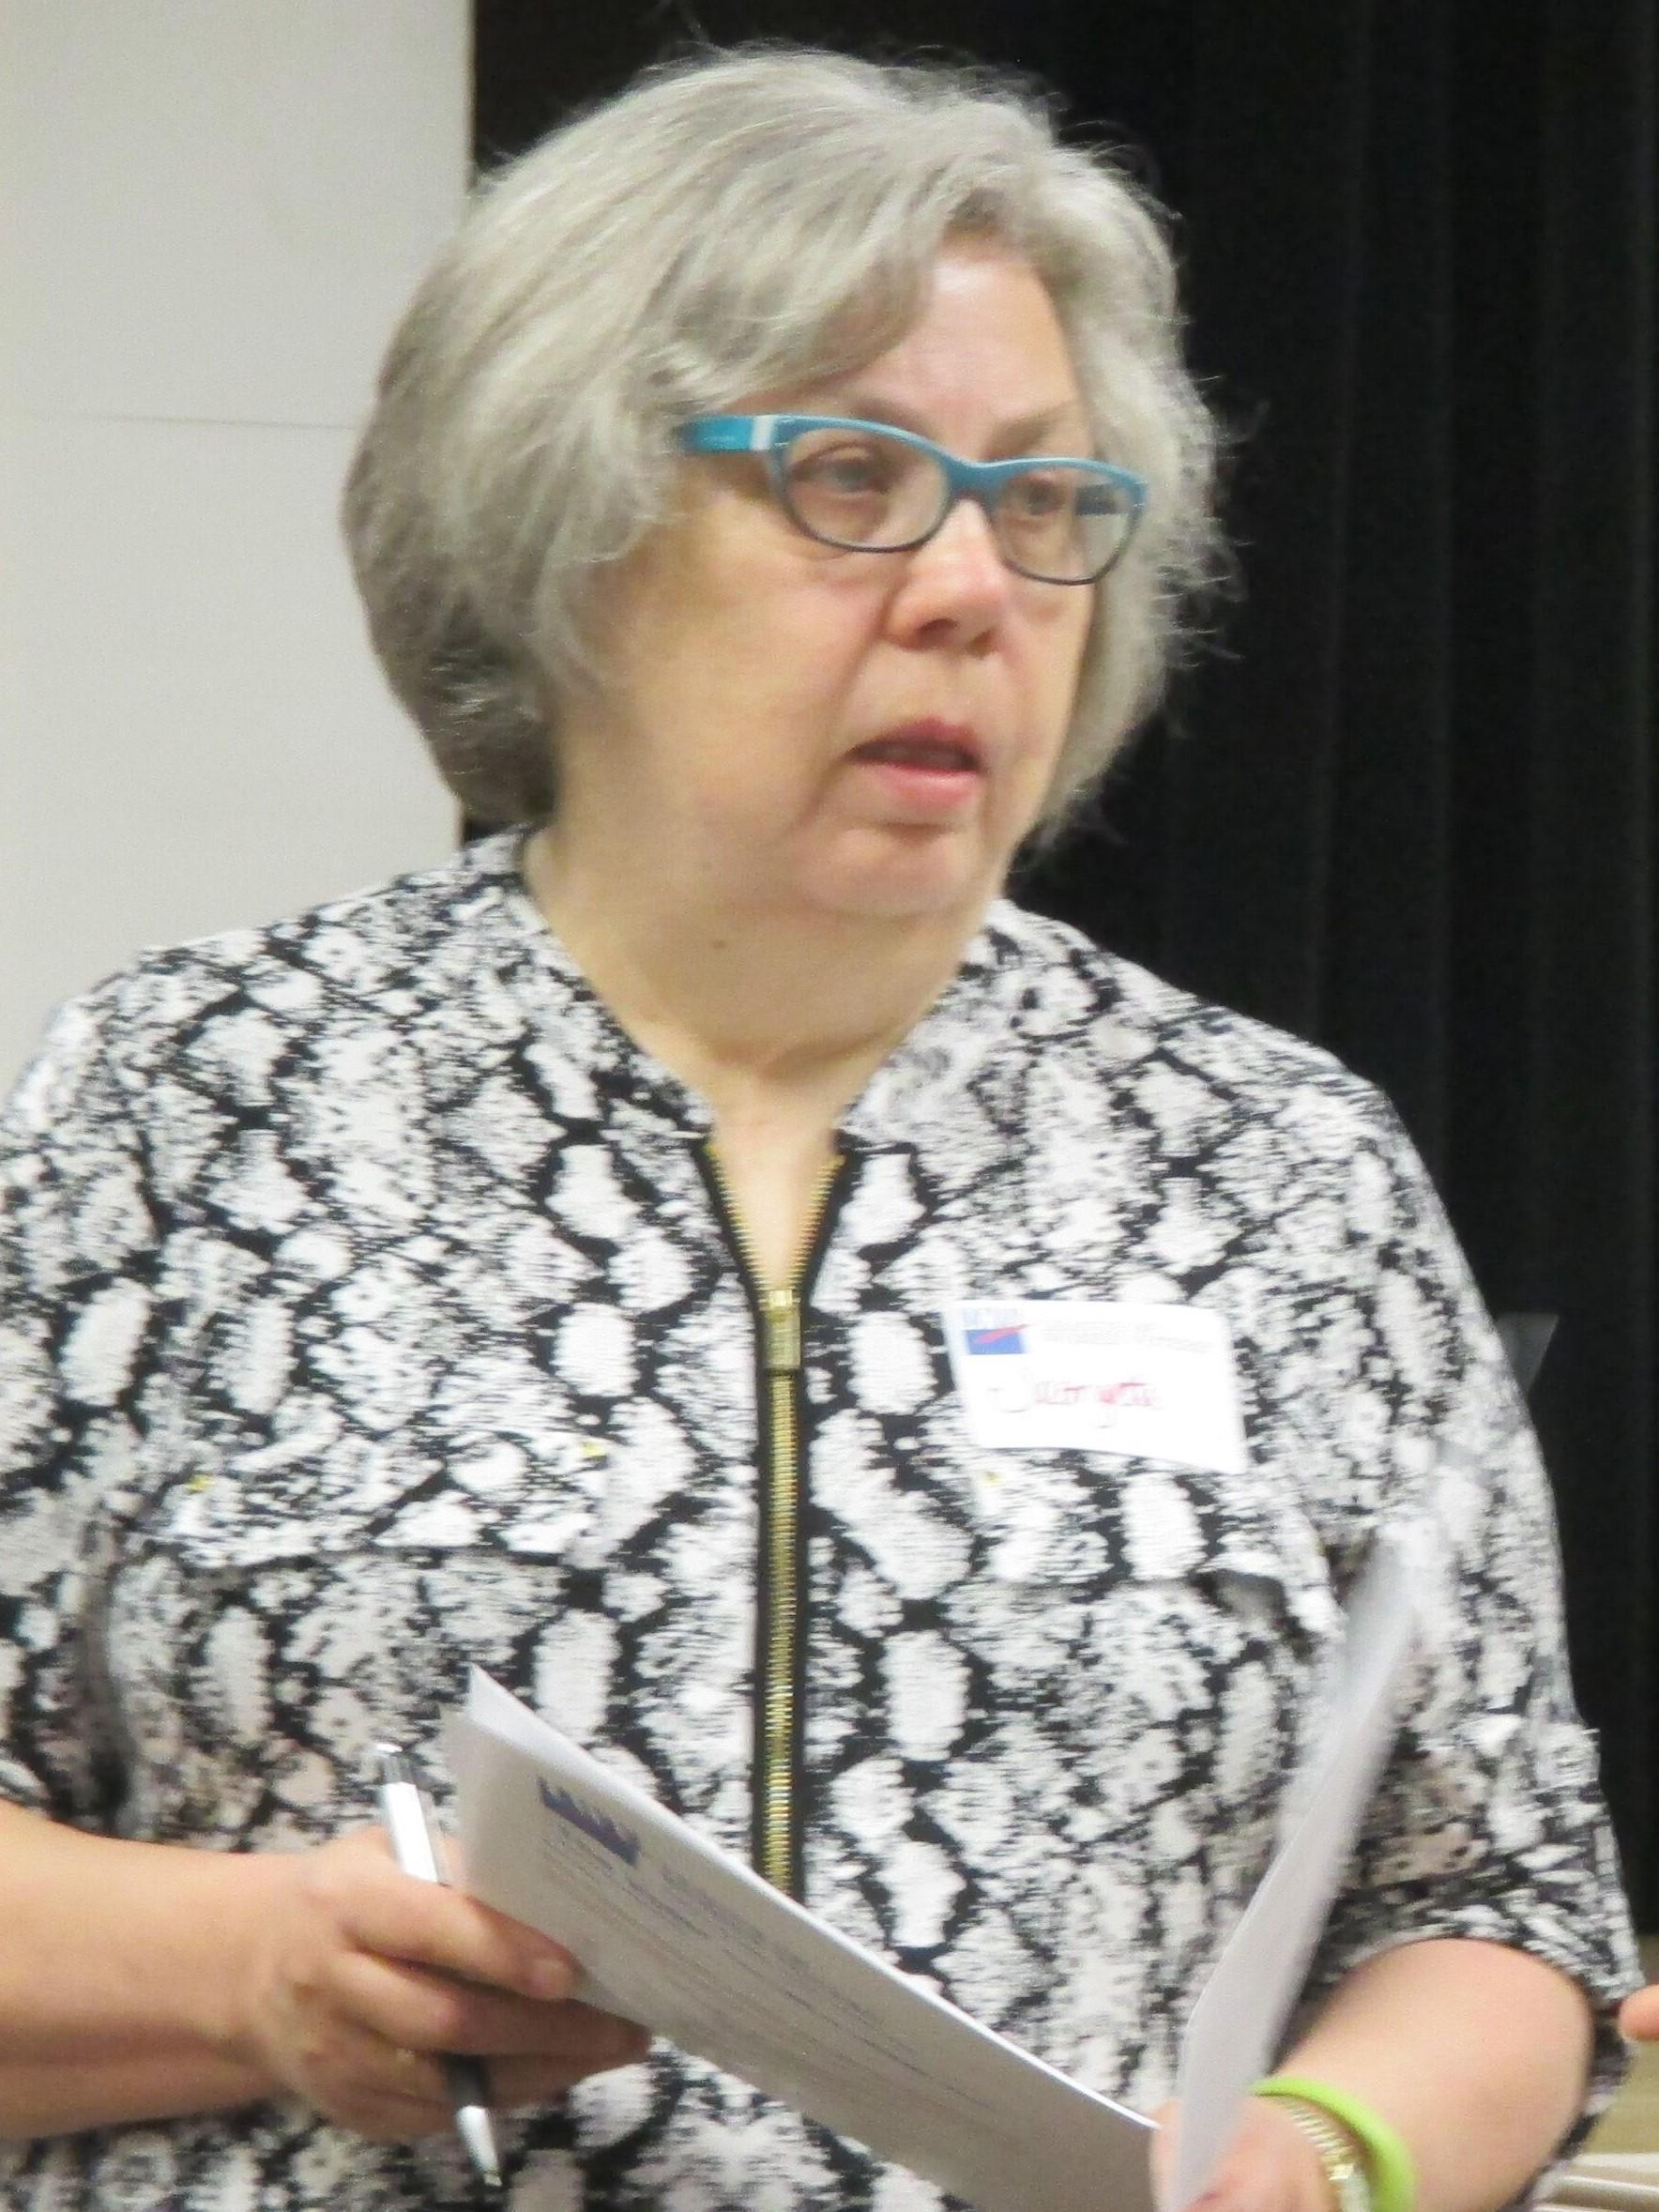 Jeorgette Knoll